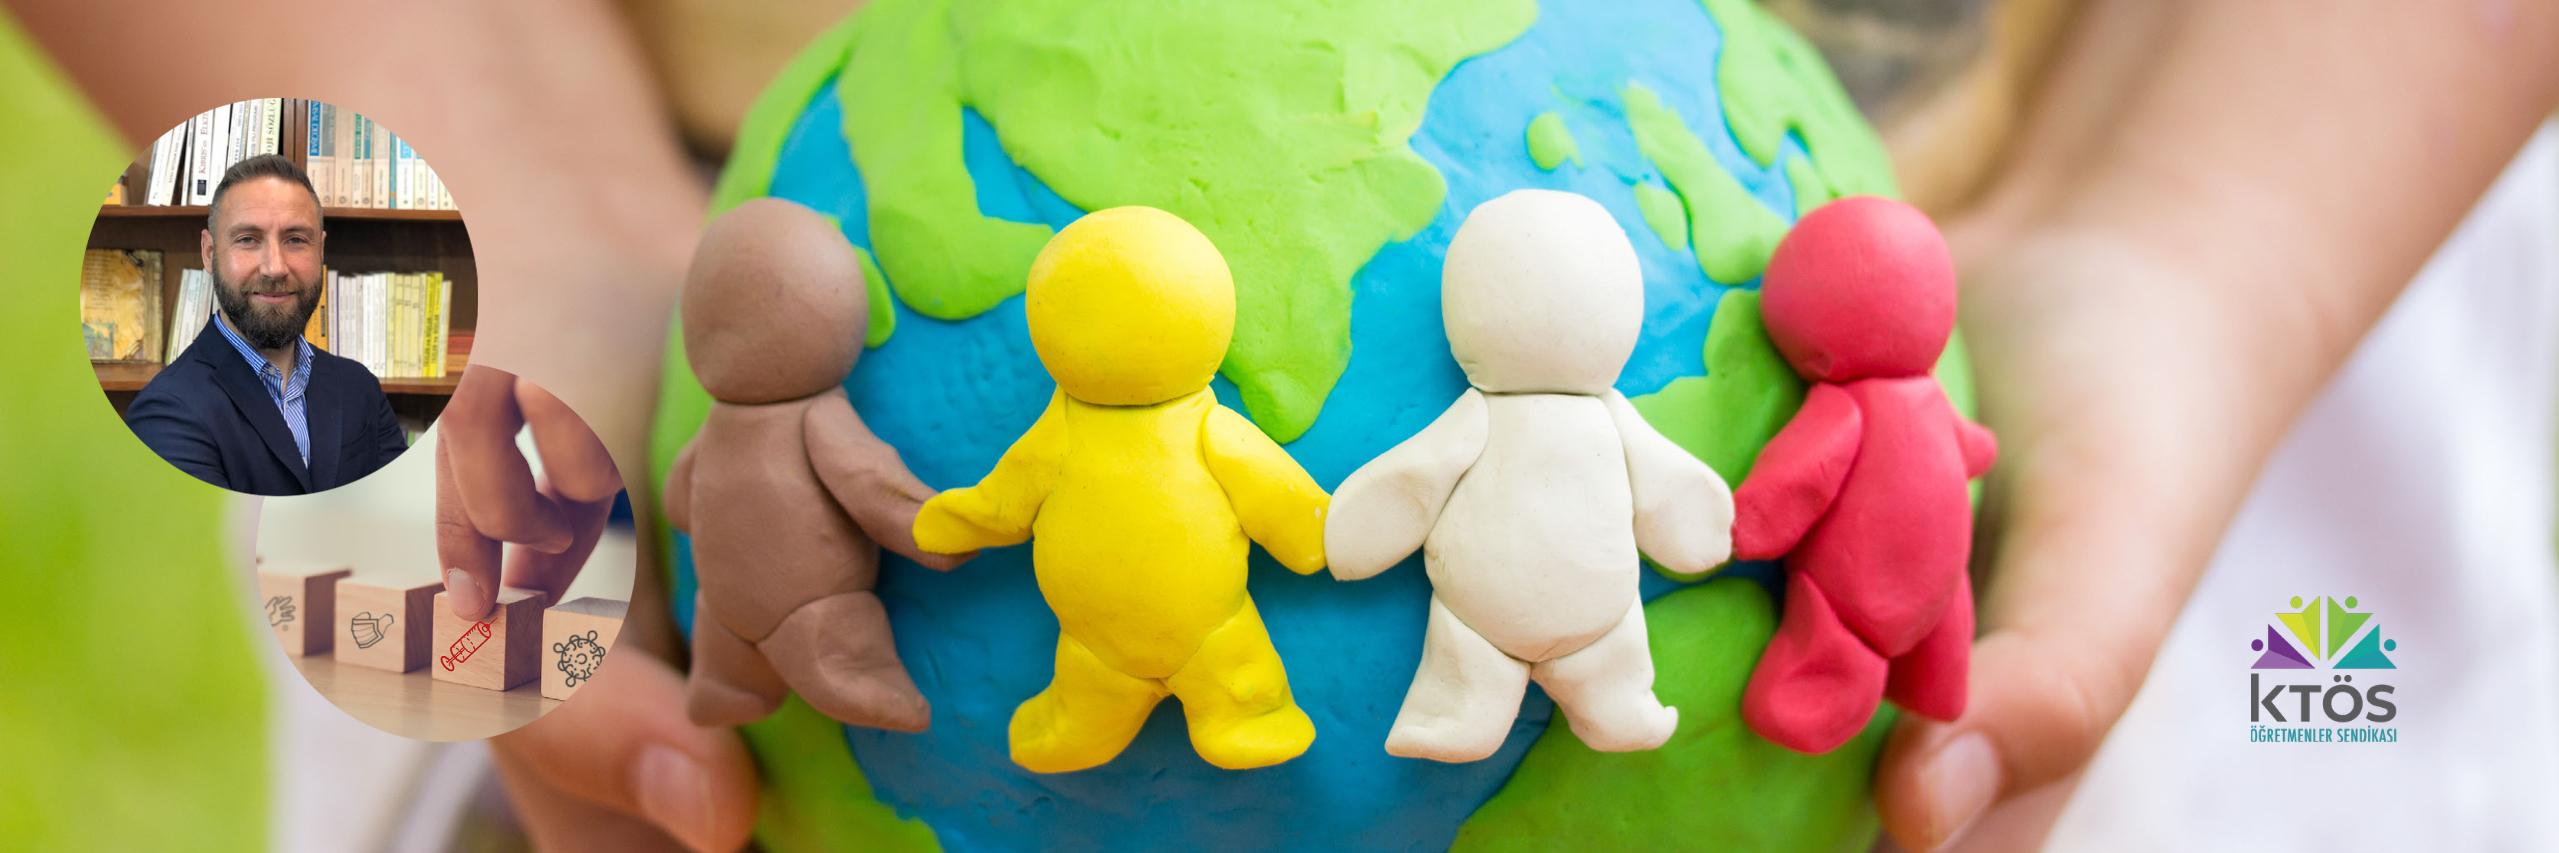 KTÖS: Çocuklara en güzel hediye yüz yüze eğitimdir